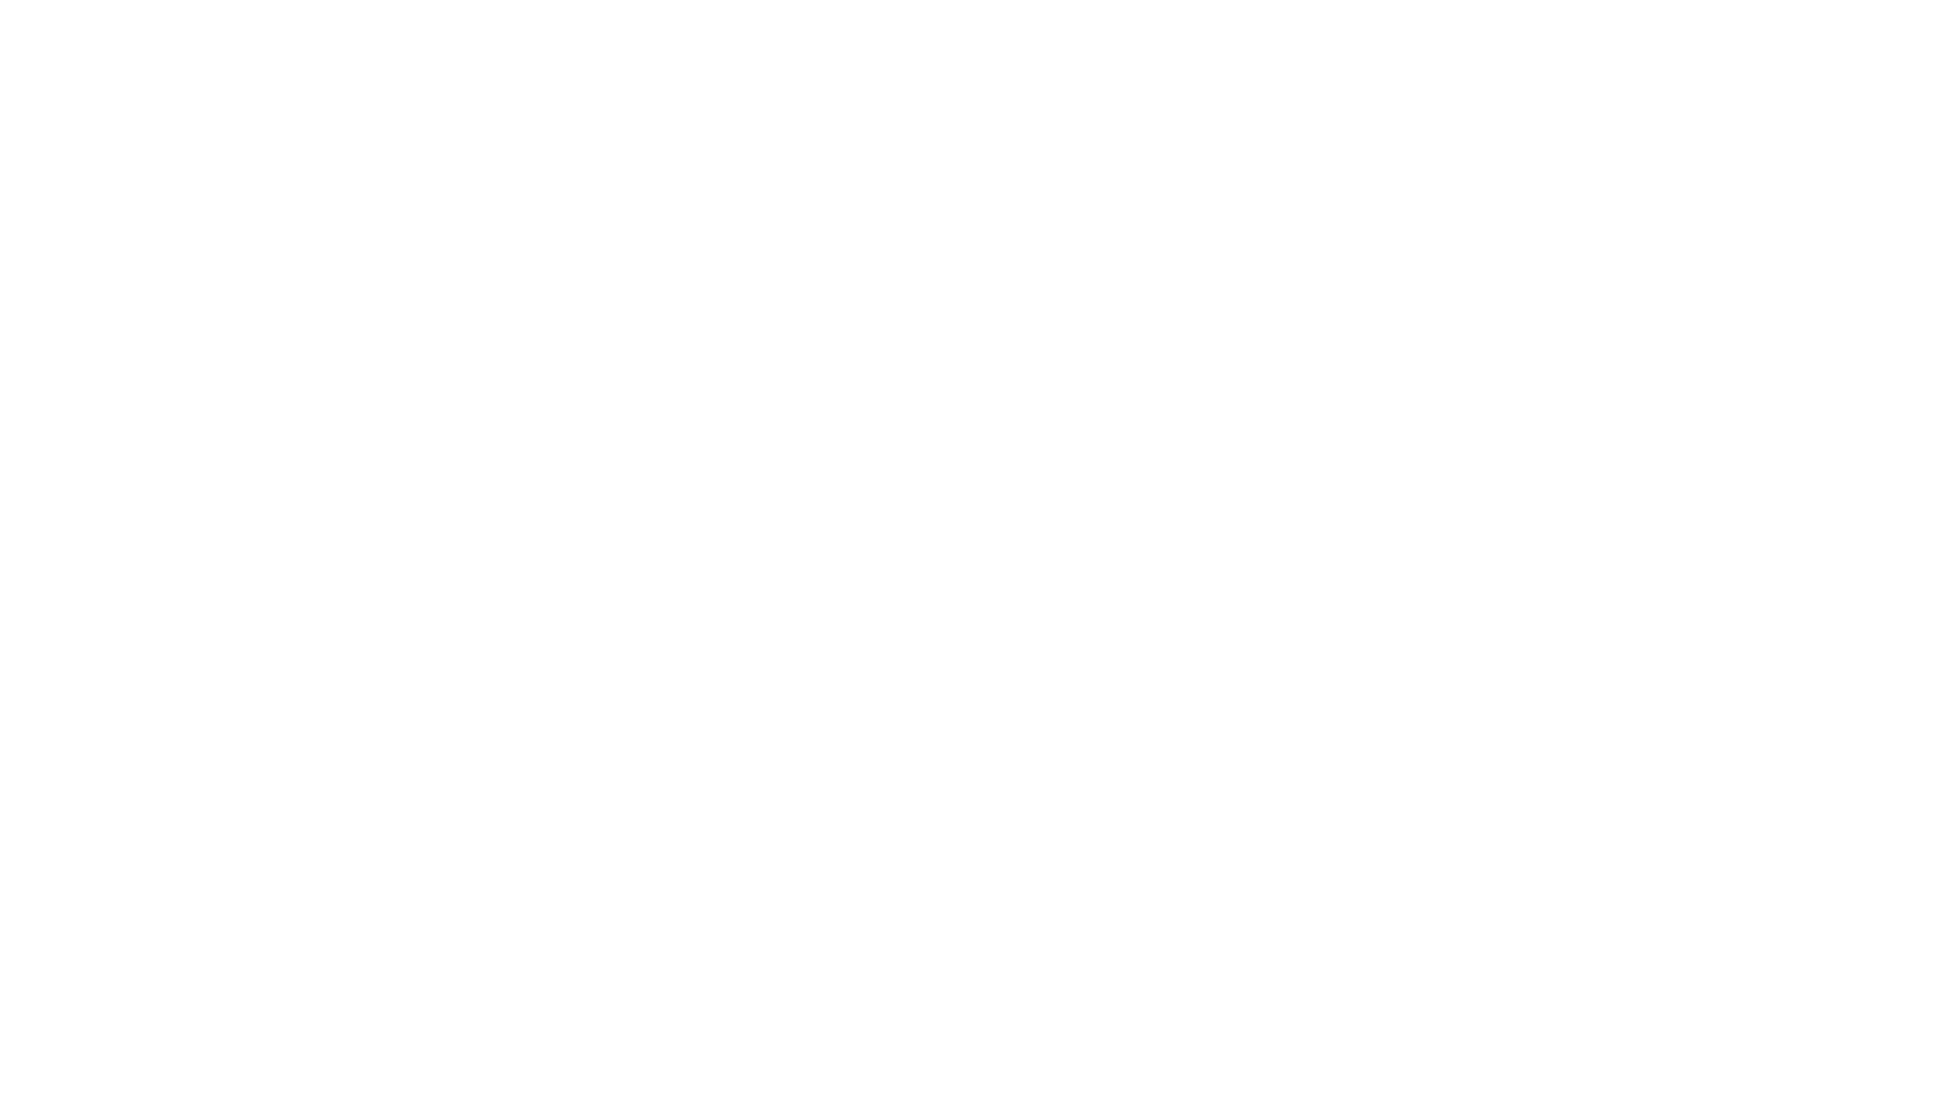 sobre-bg-00